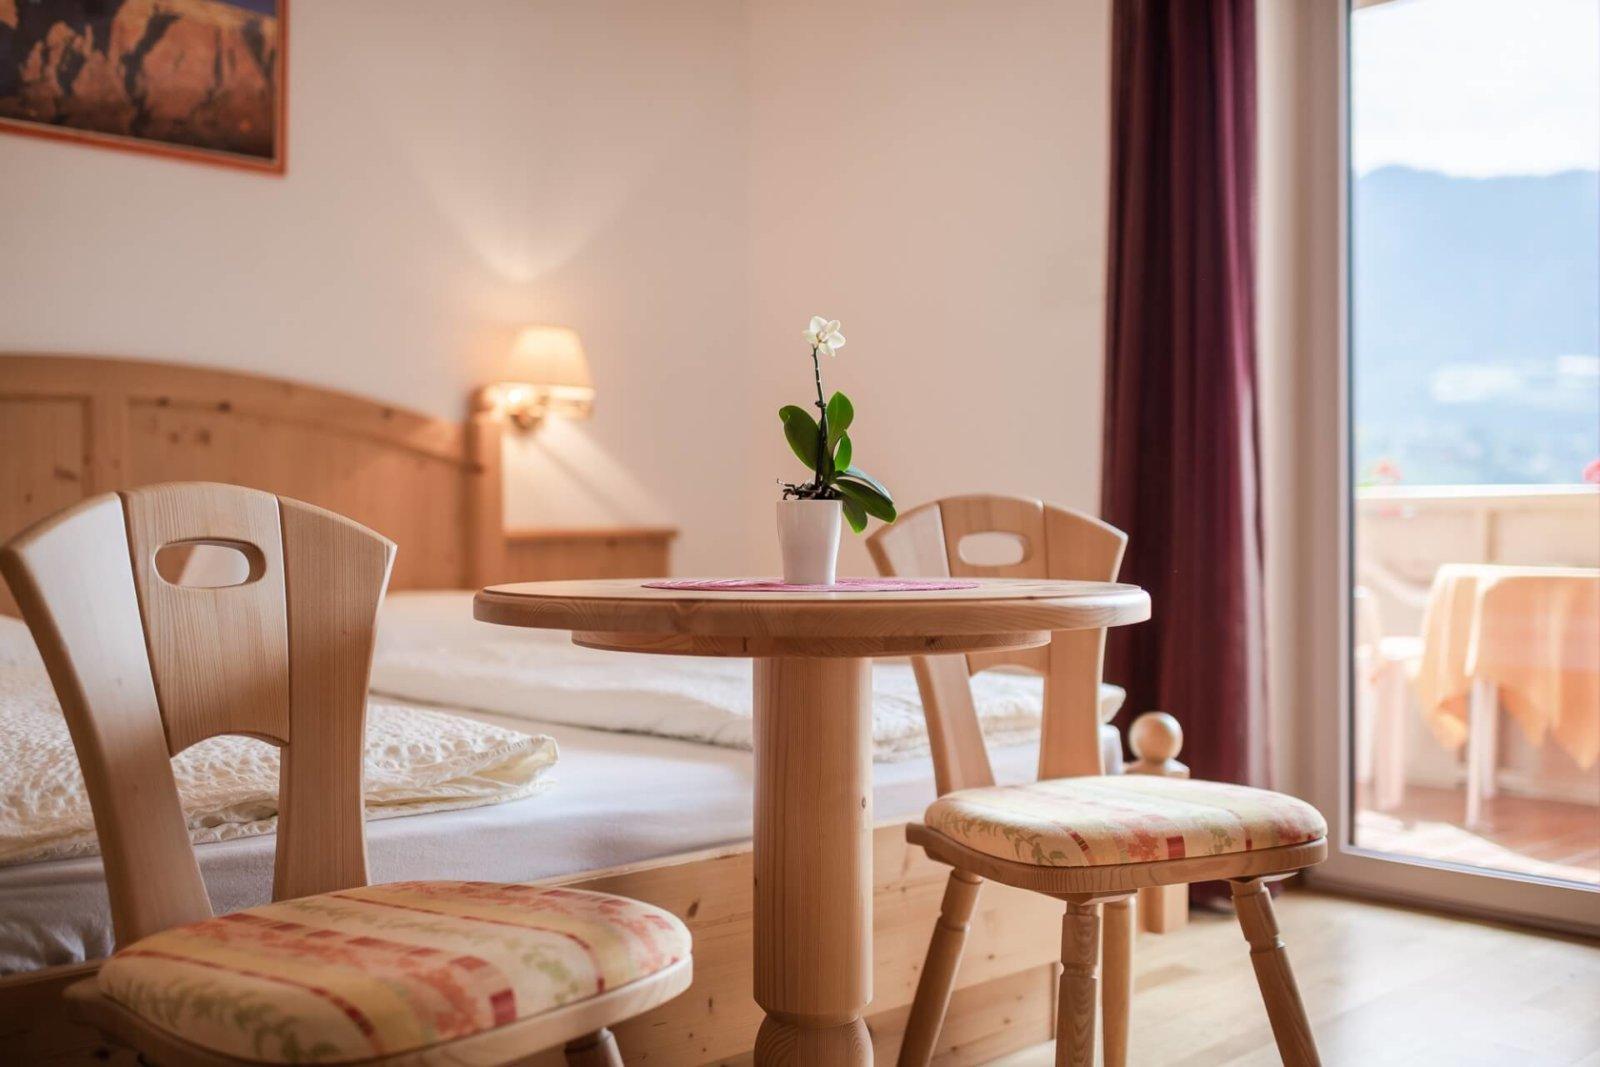 Camere Spaziose Albergo A Tirolo Alto Adige Hotel Weger